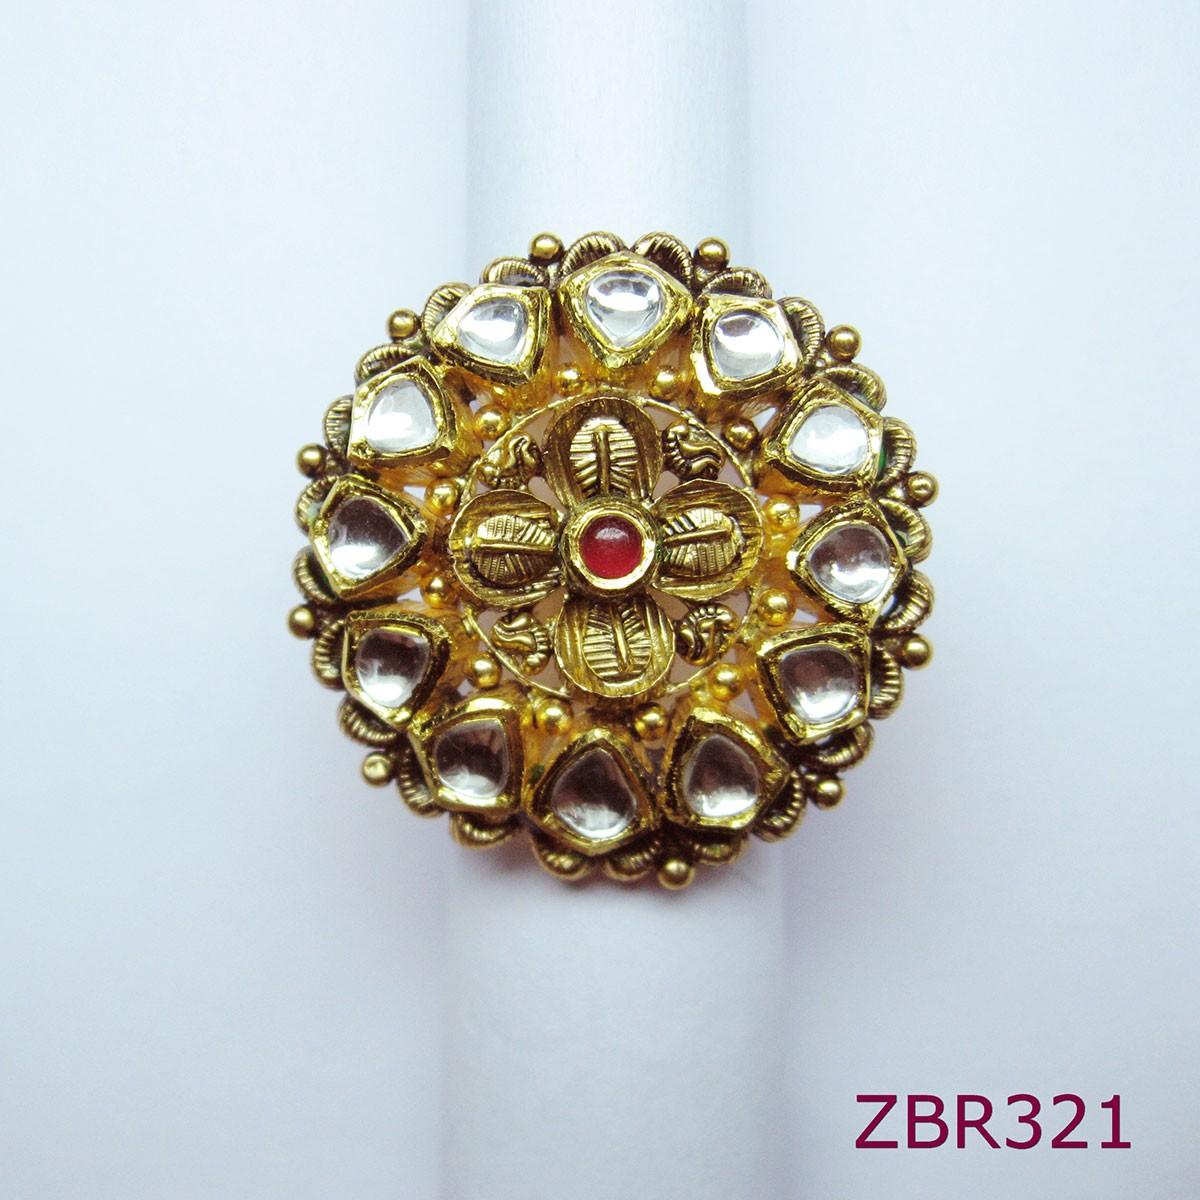 ZBR321